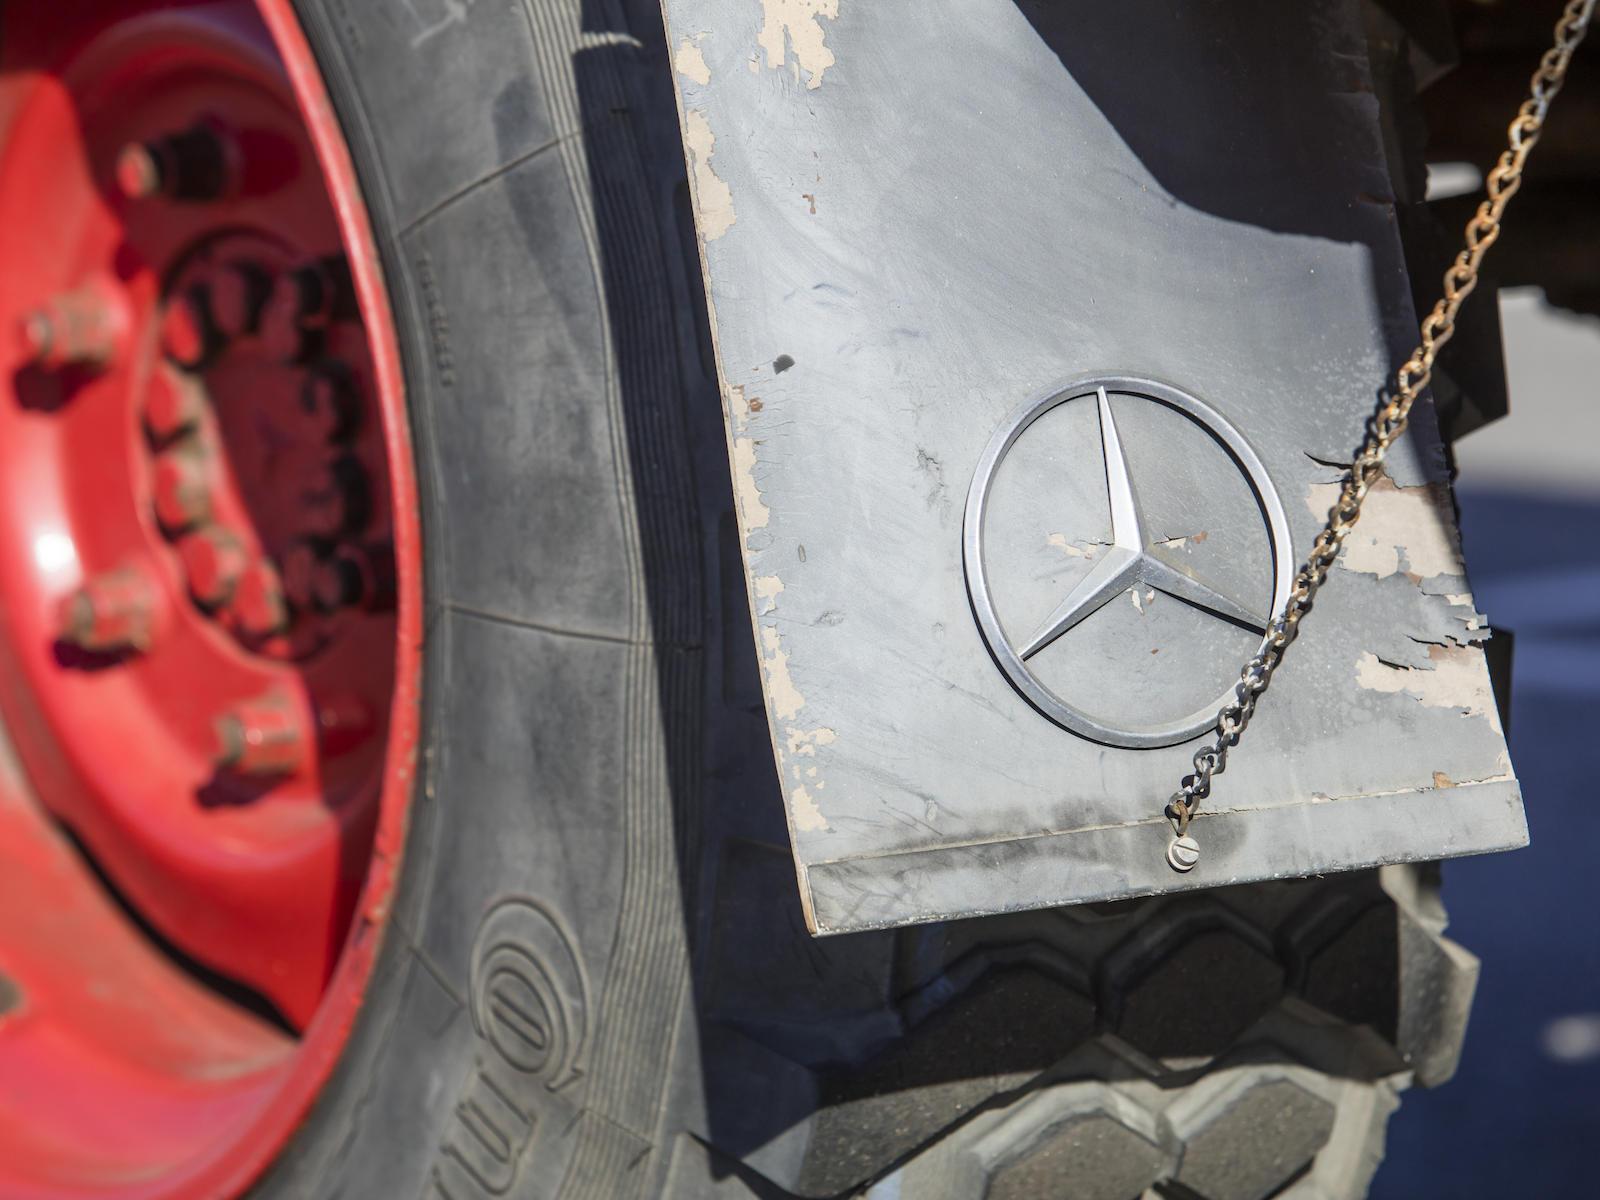 1966 Mercedes-Benz Unimog Car Hauler mudflap logo detail